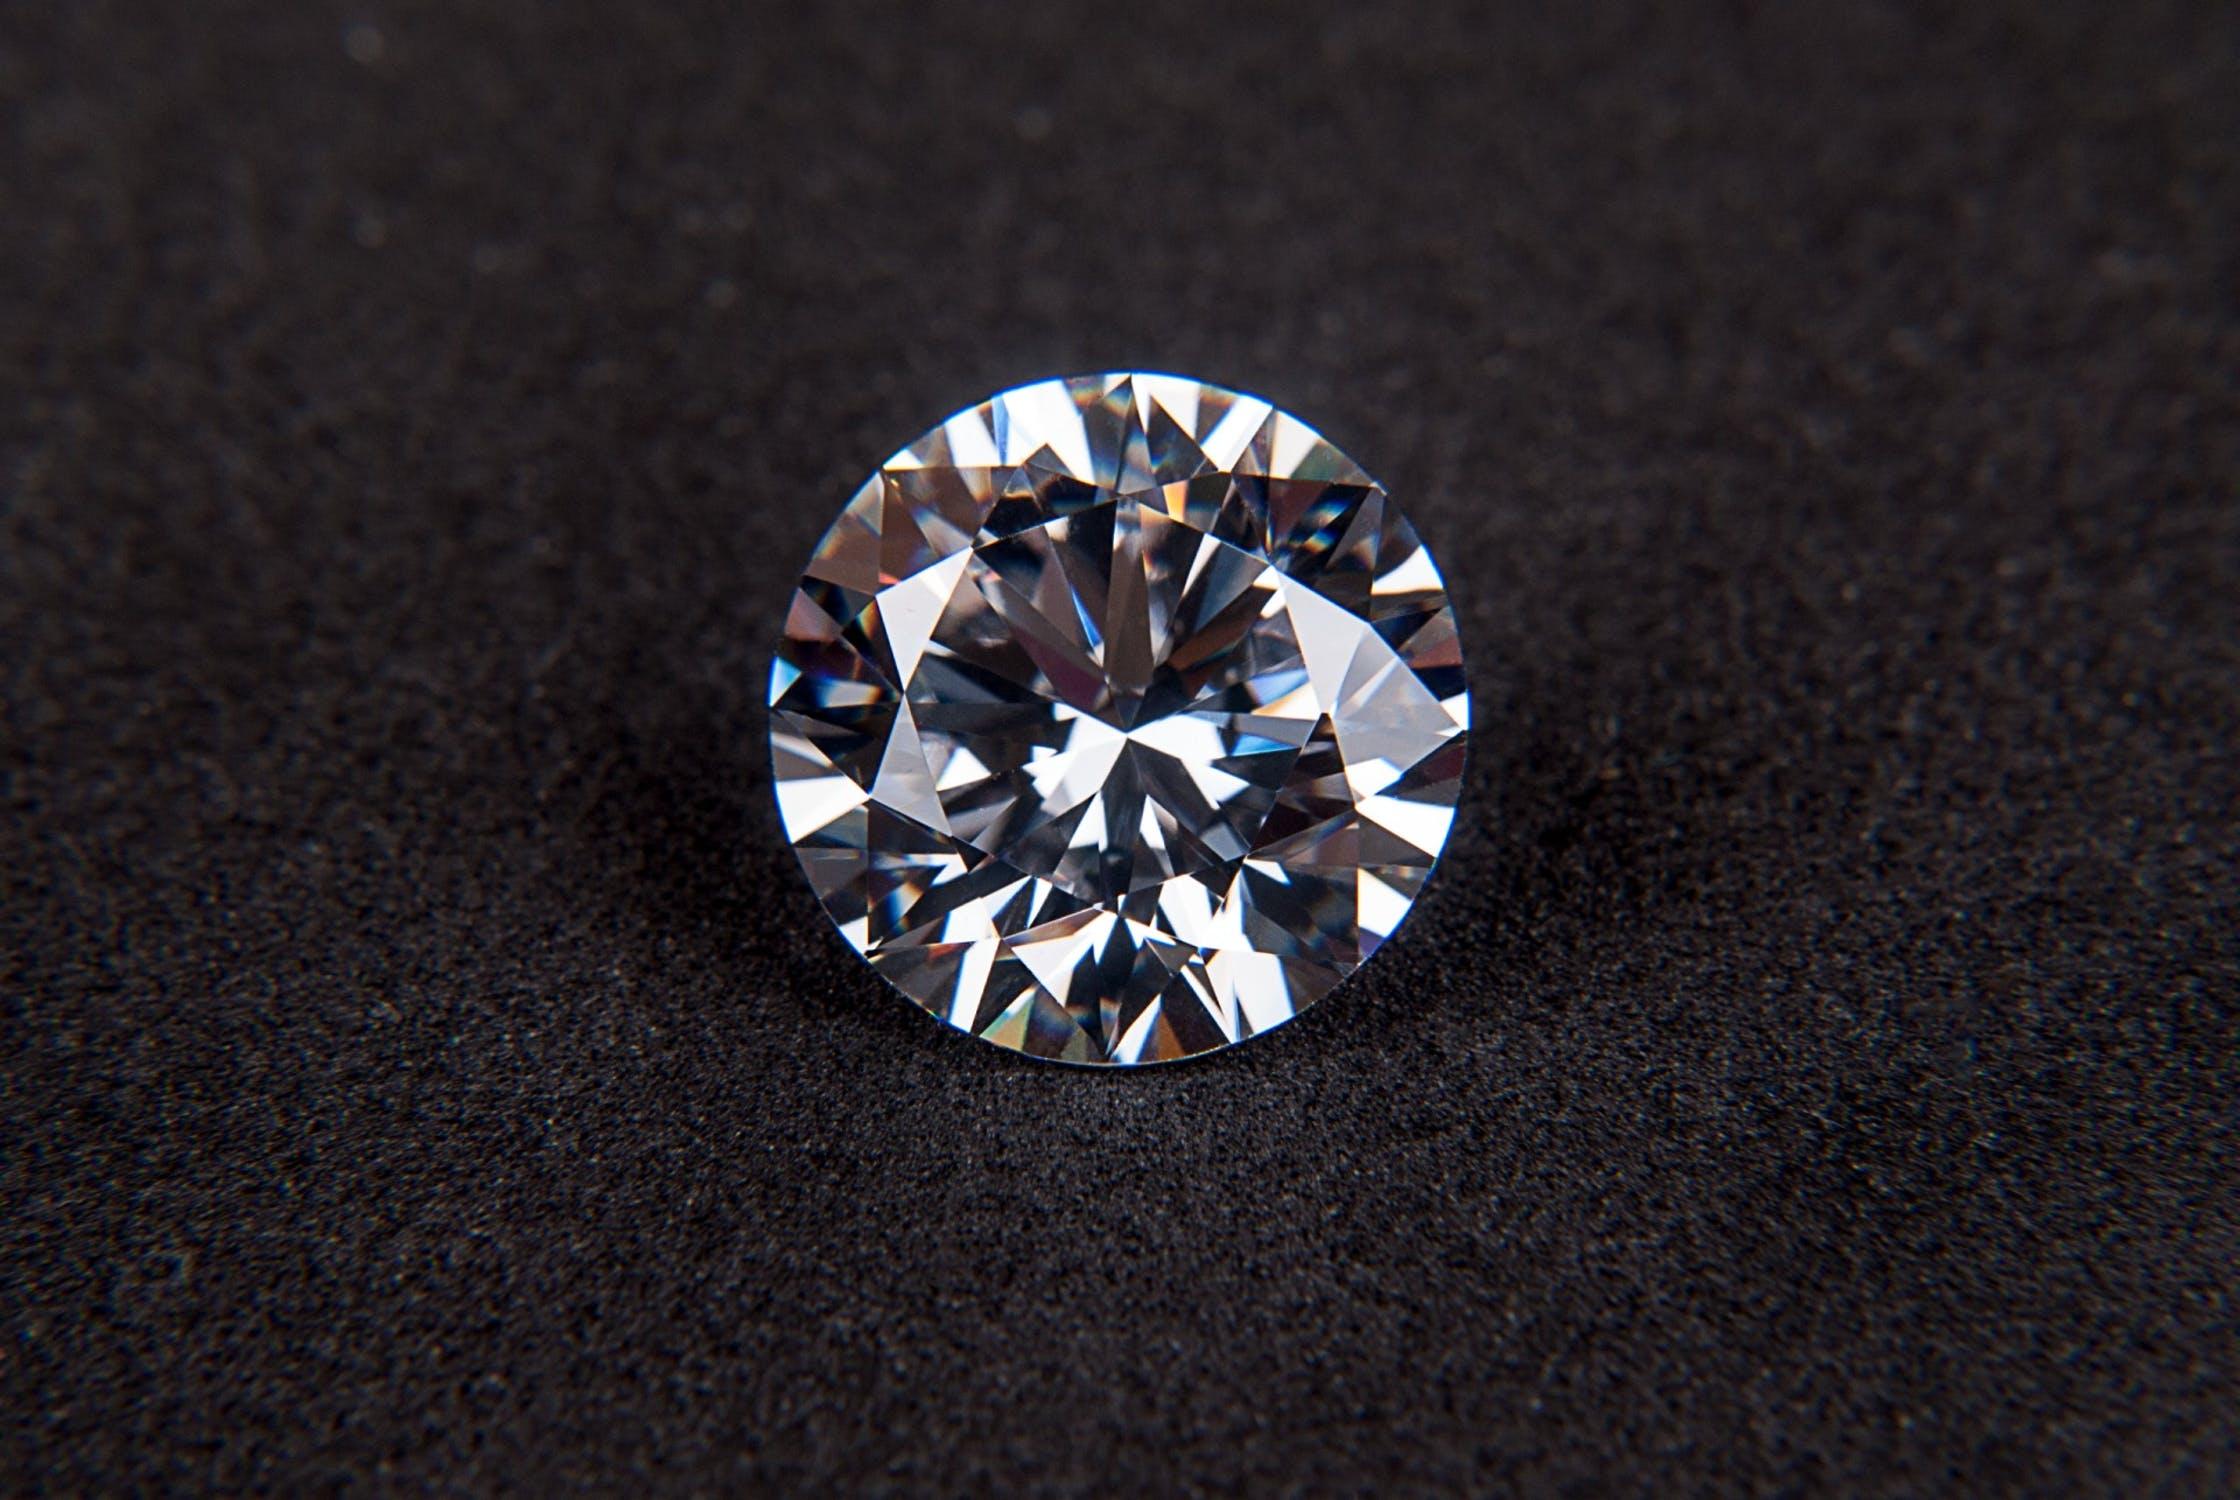 美国联邦贸易委员会对八家公司发出警告:钻石珠宝广告中需明示是否为合成钻石